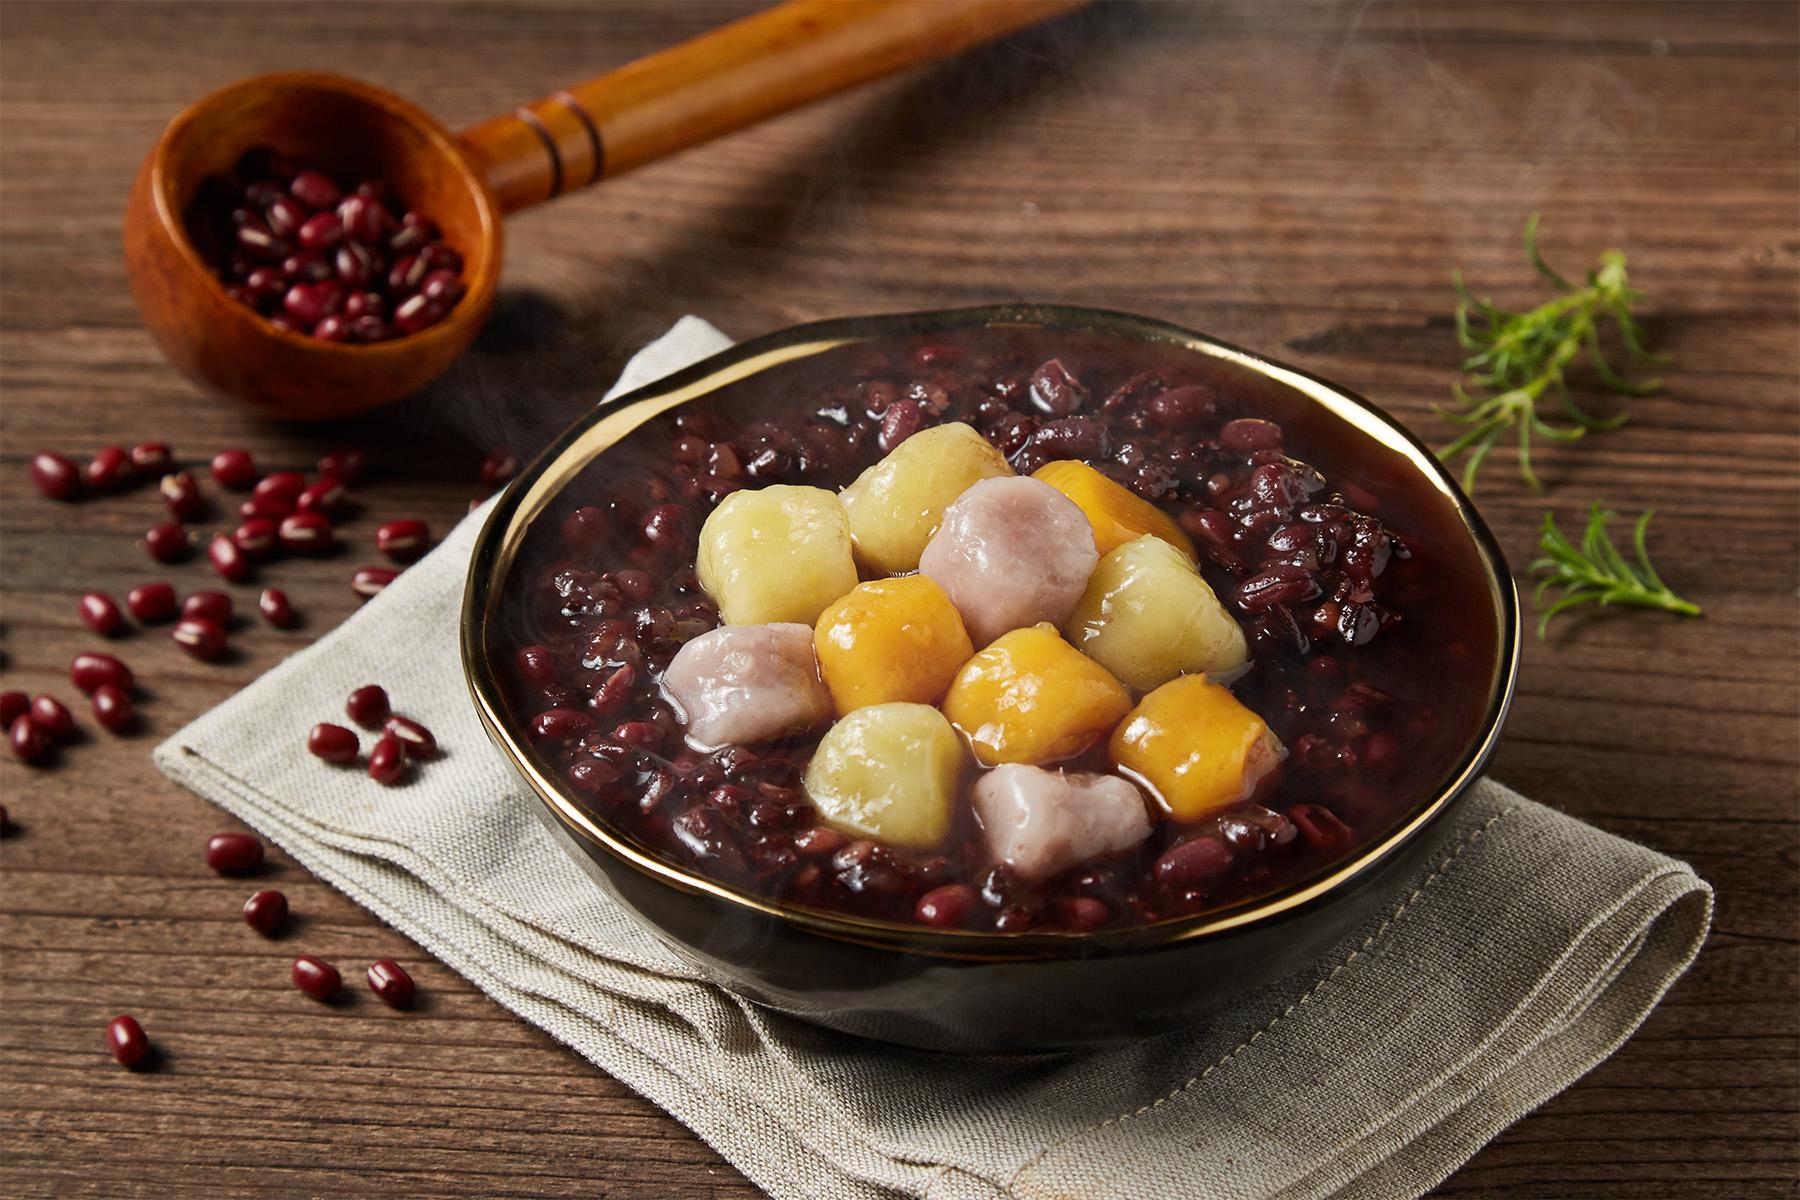 017 芋圓紫米紅豆粥-1